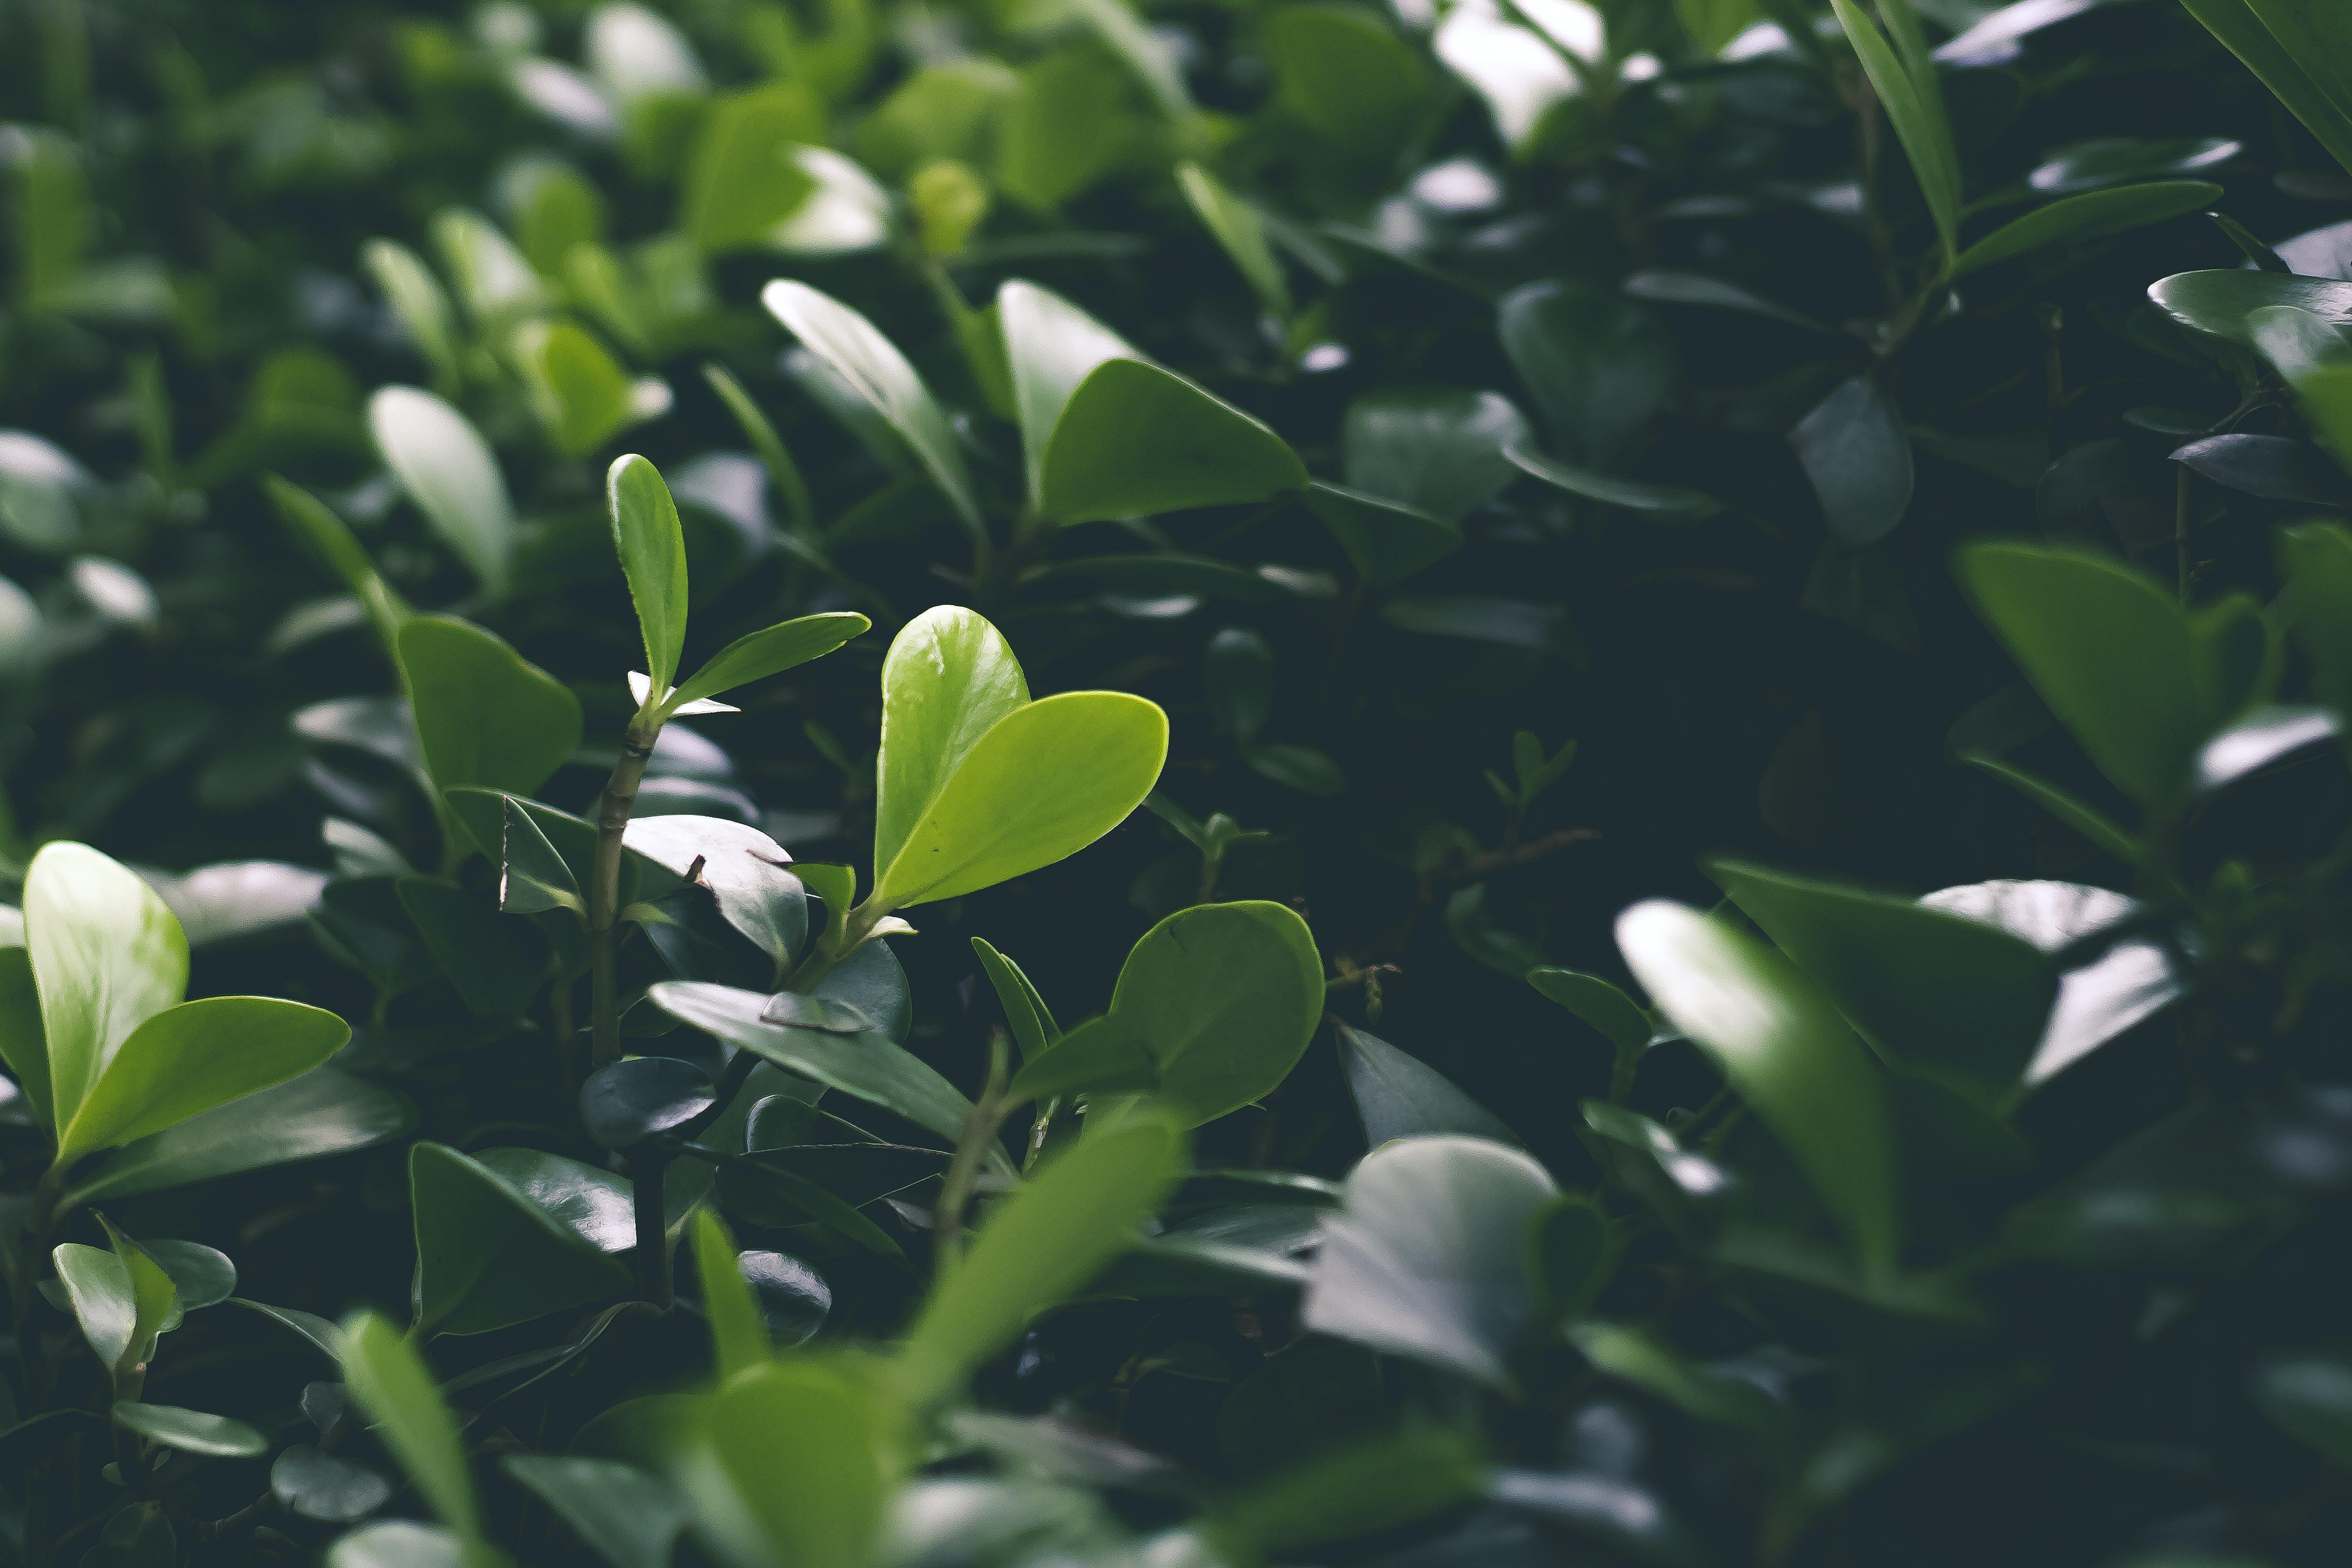 Ảnh lưu trữ miễn phí về màu xanh lá, sự phát triển, thực vật, vườn